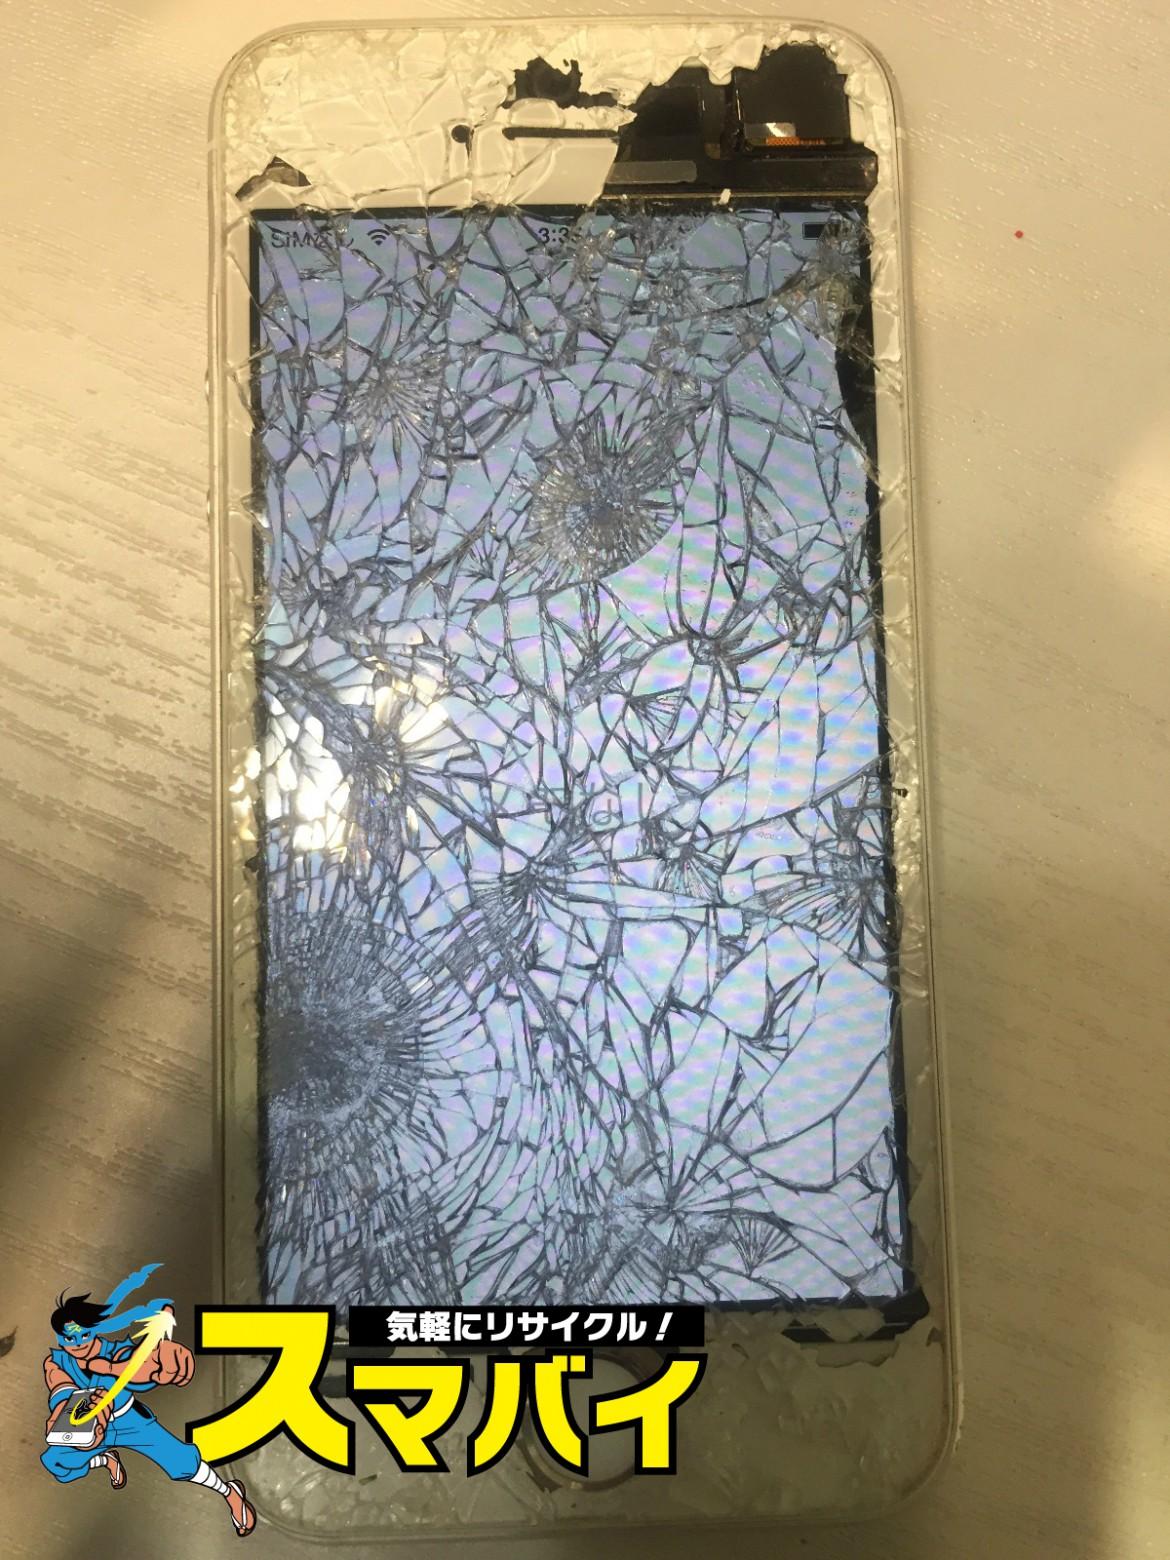 03470d588983 モザイク仕様のiPhone5S。。